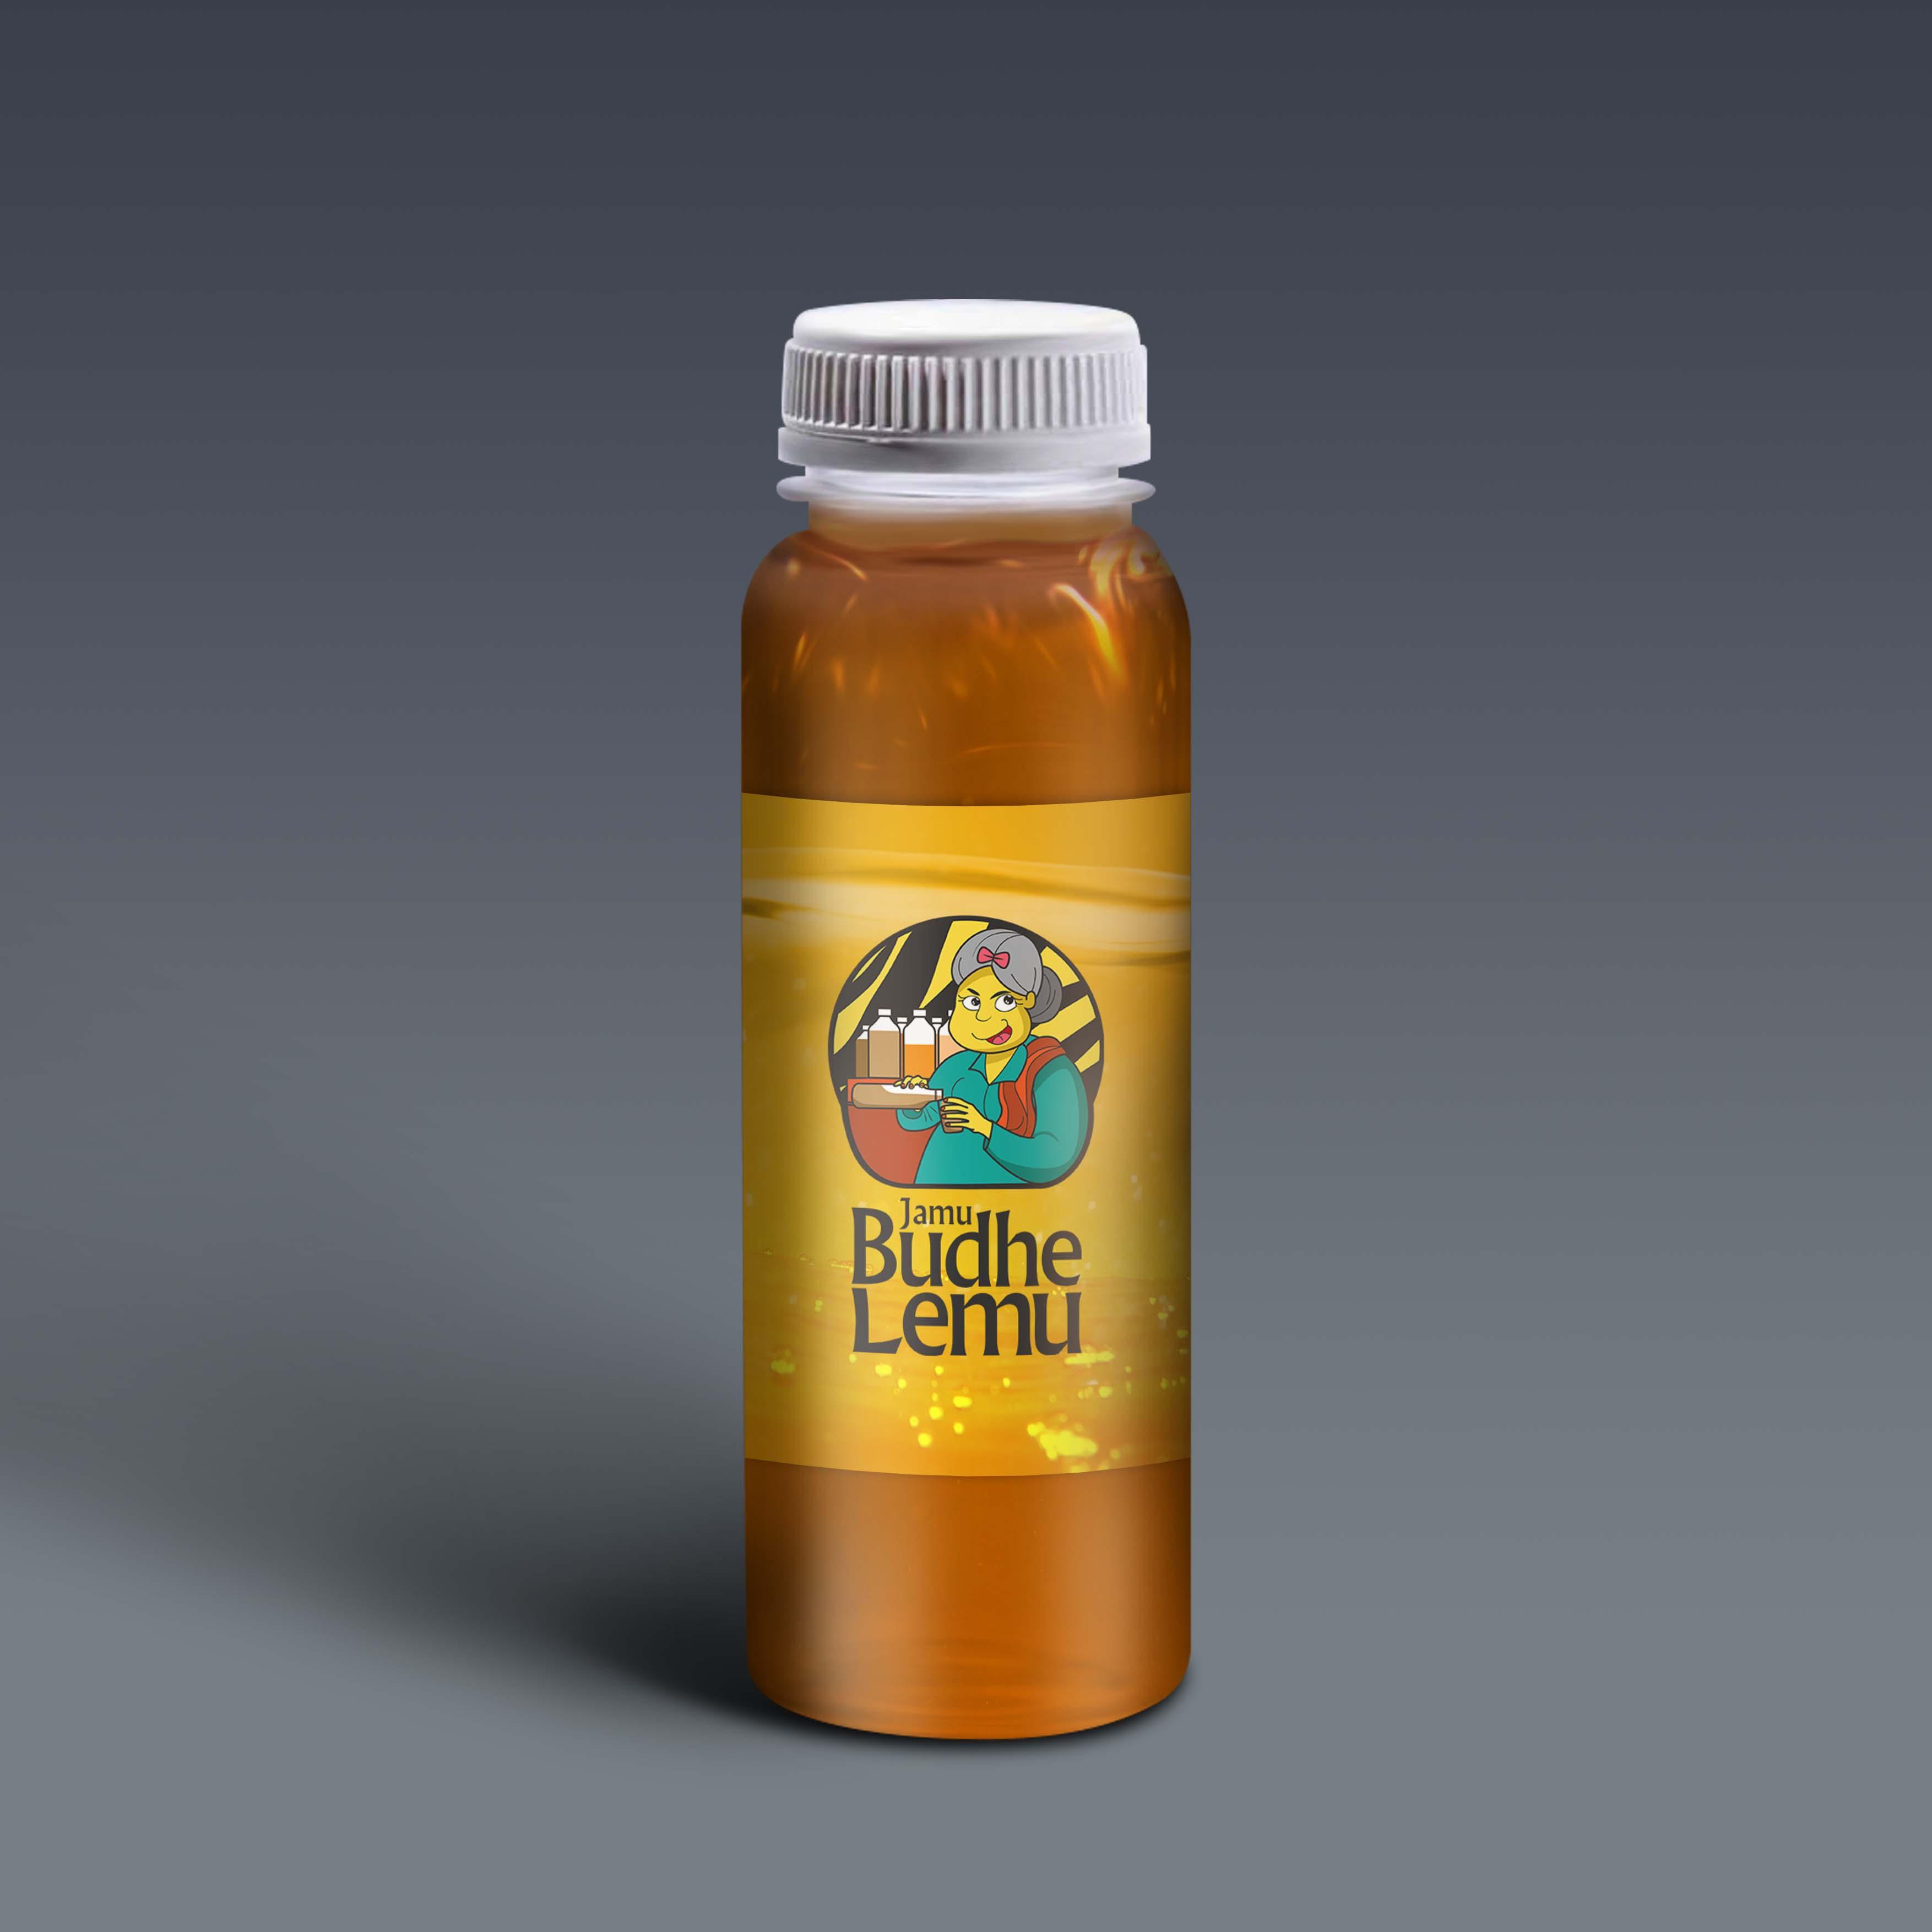 Jamu Budhe Lemu Bottle